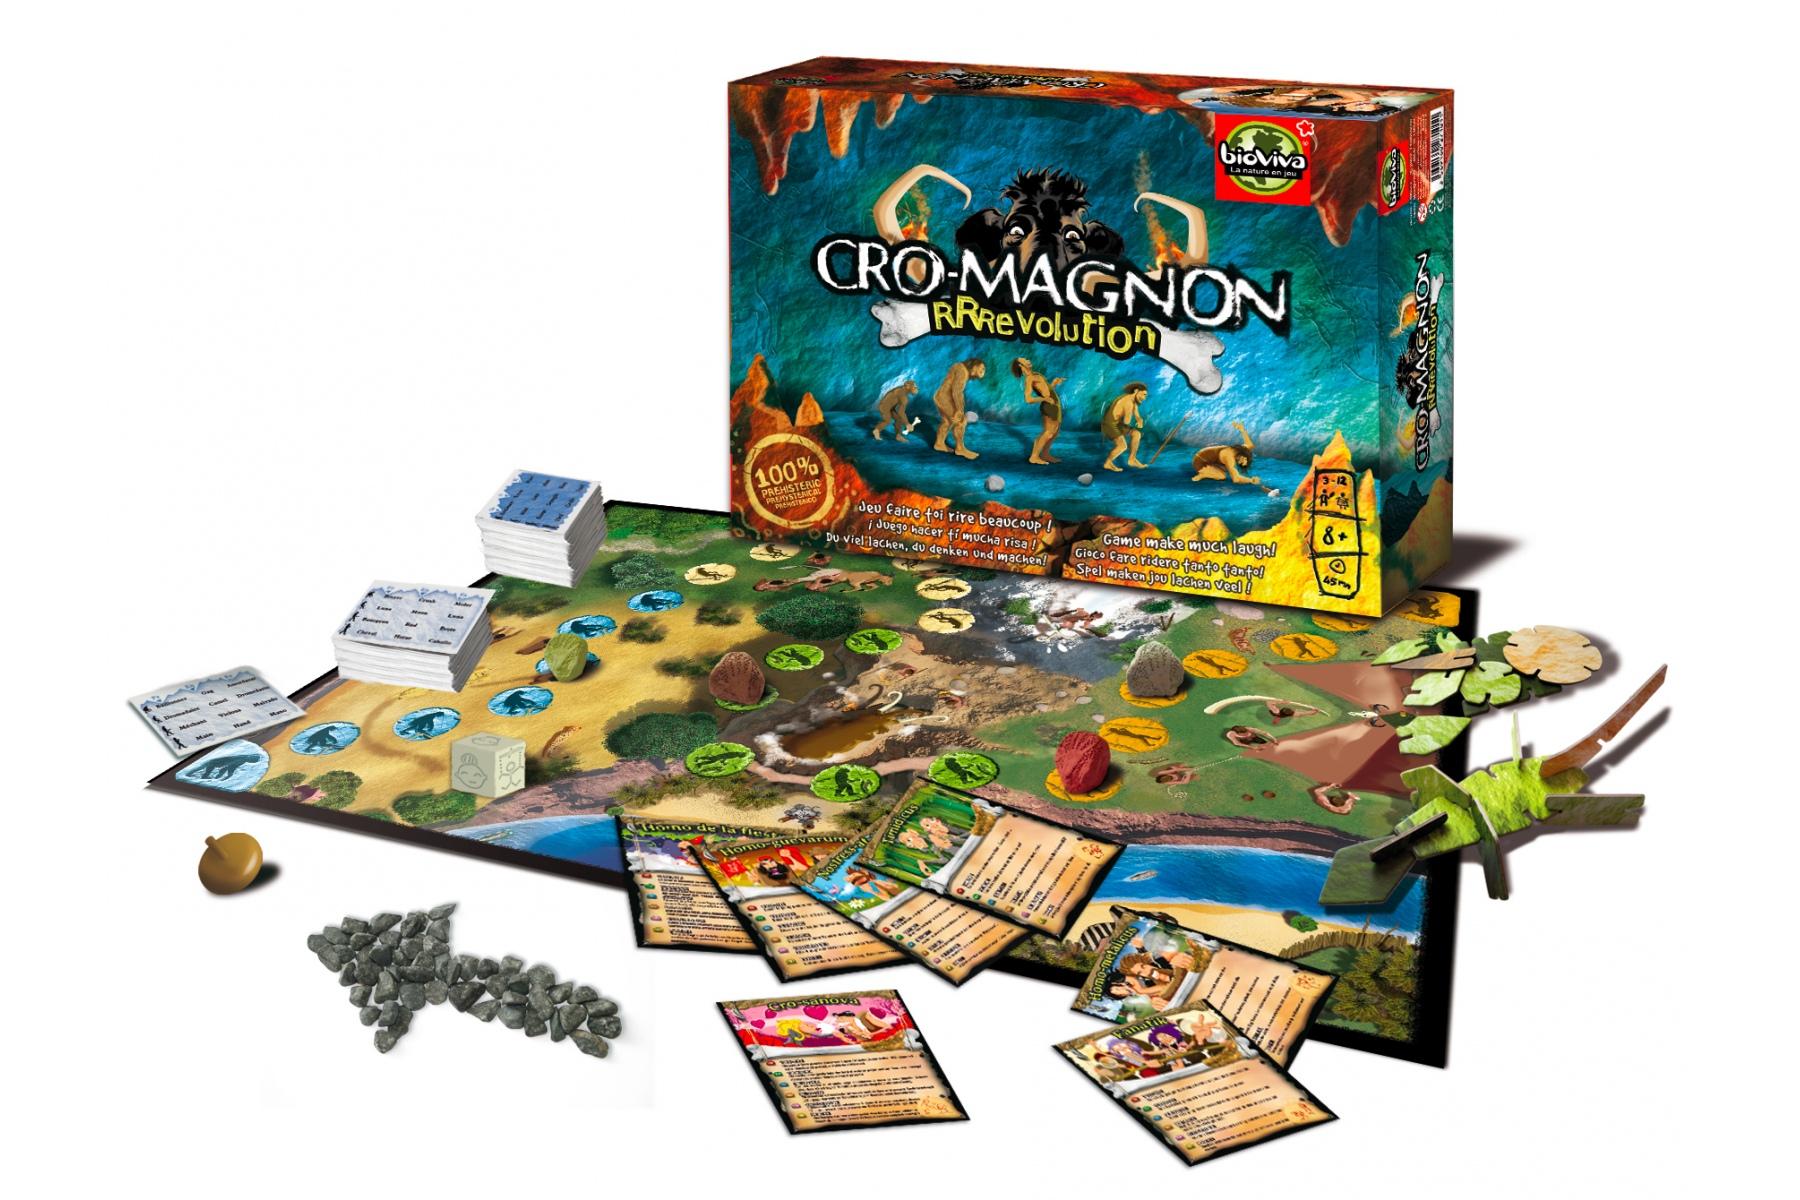 Lokalisierung des Gesellschaftsspiels Cro-Magnon